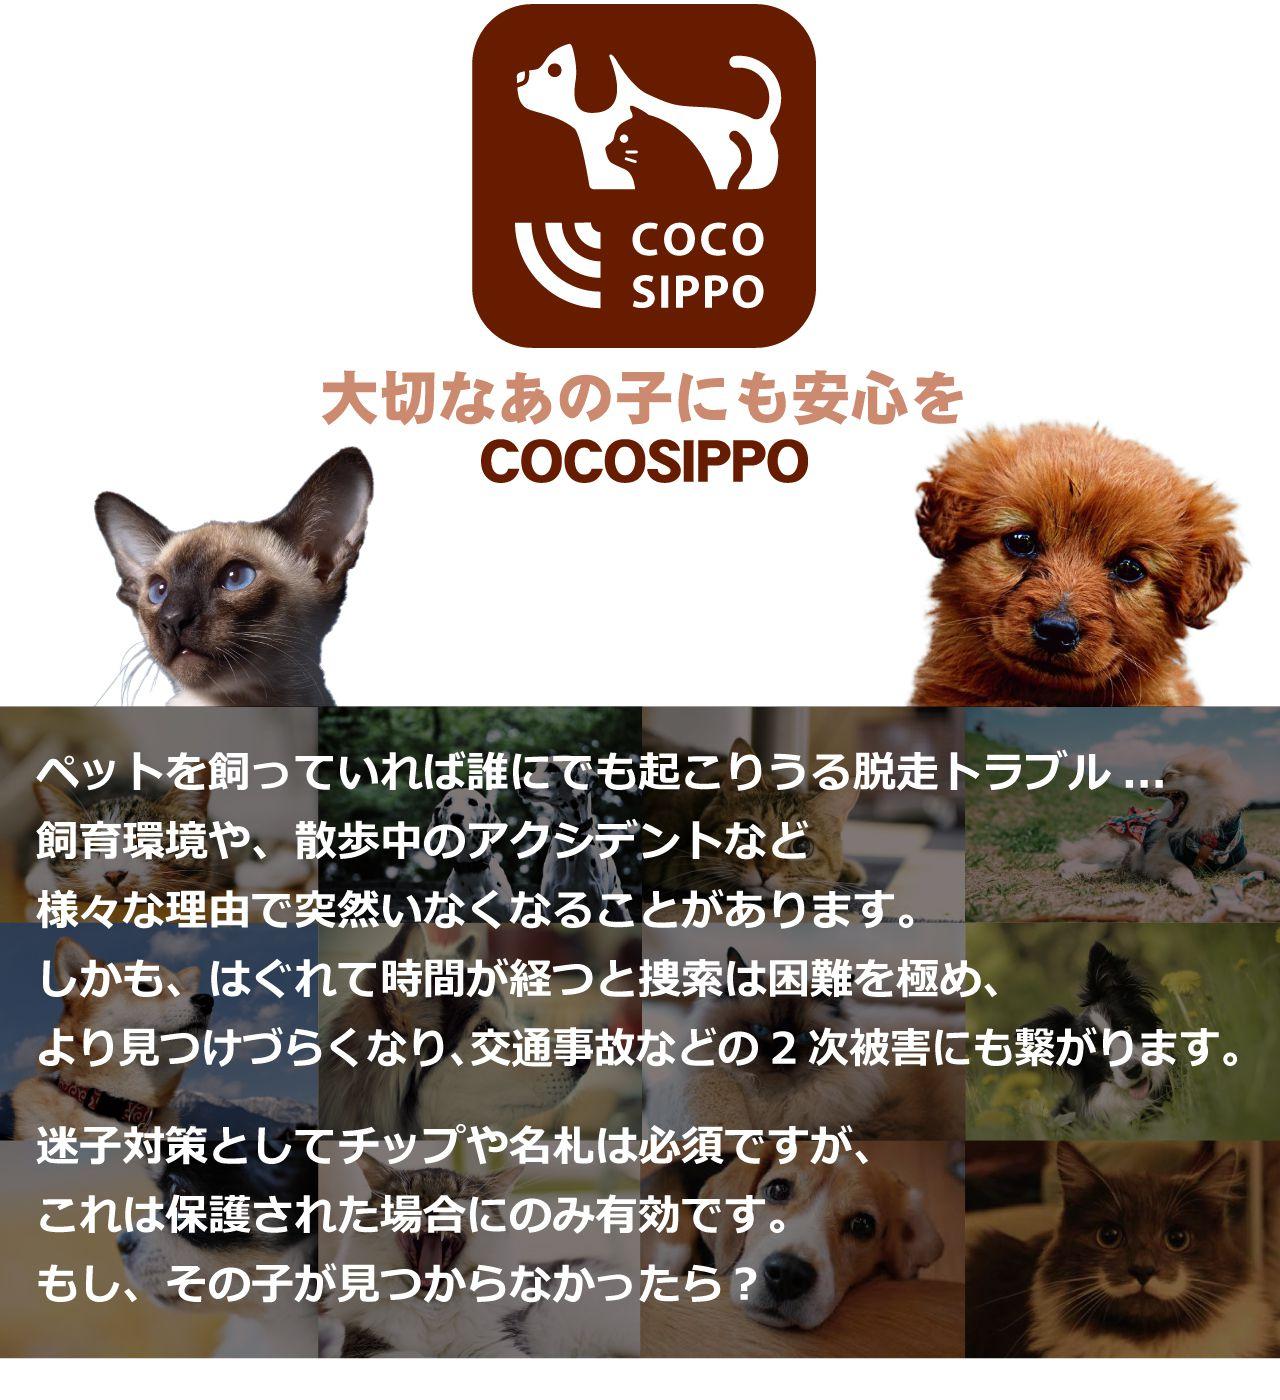 ココシッポは迷子のペットを探せるサービス